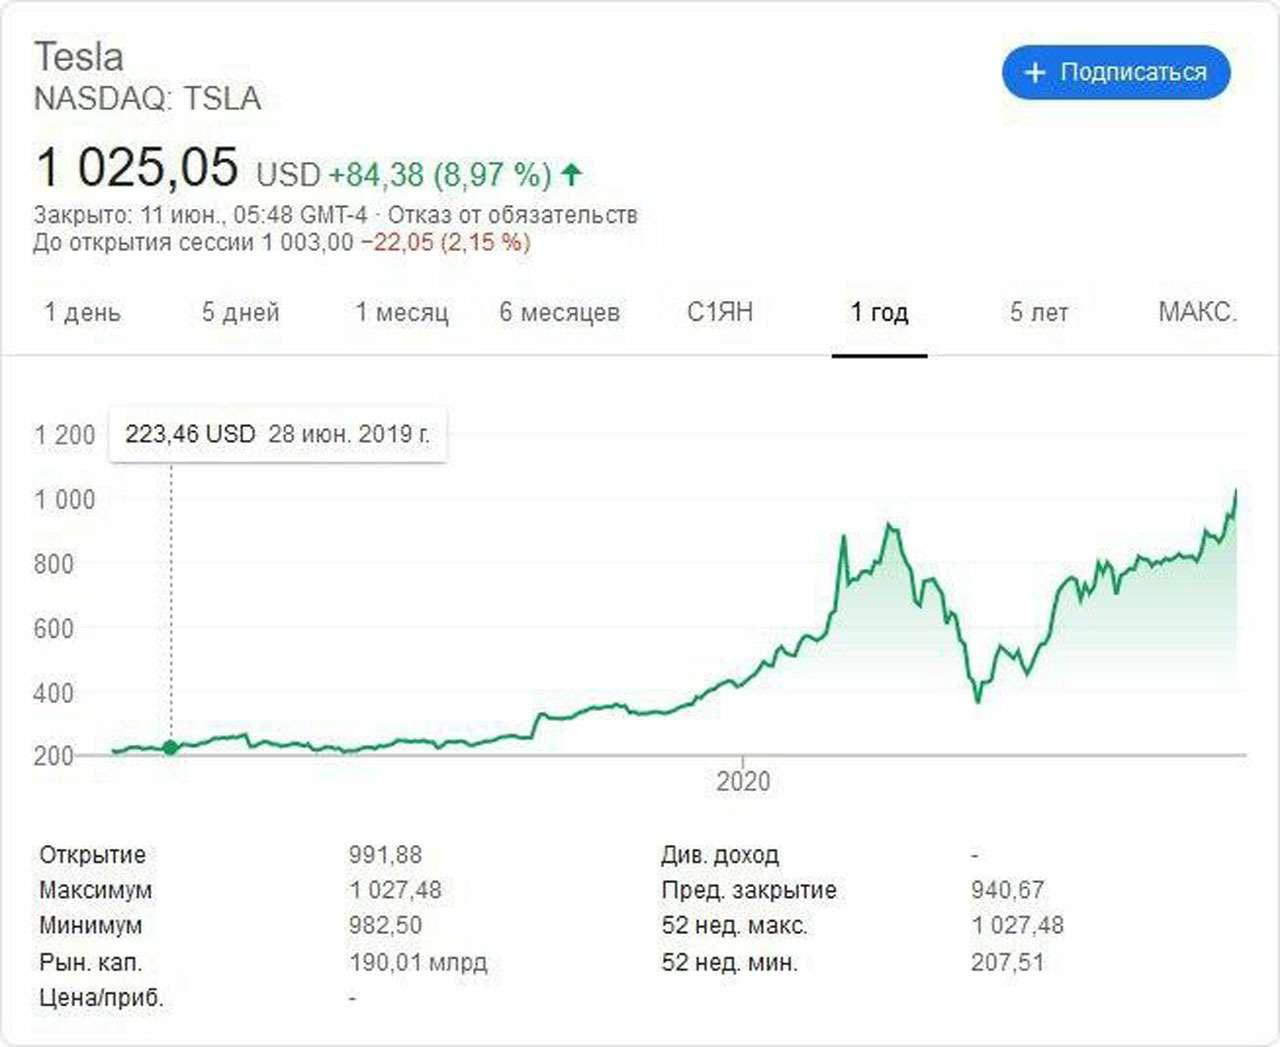 Toyota теперь вторая: Tesla— самая дорогая автокомпания— фото 1139699